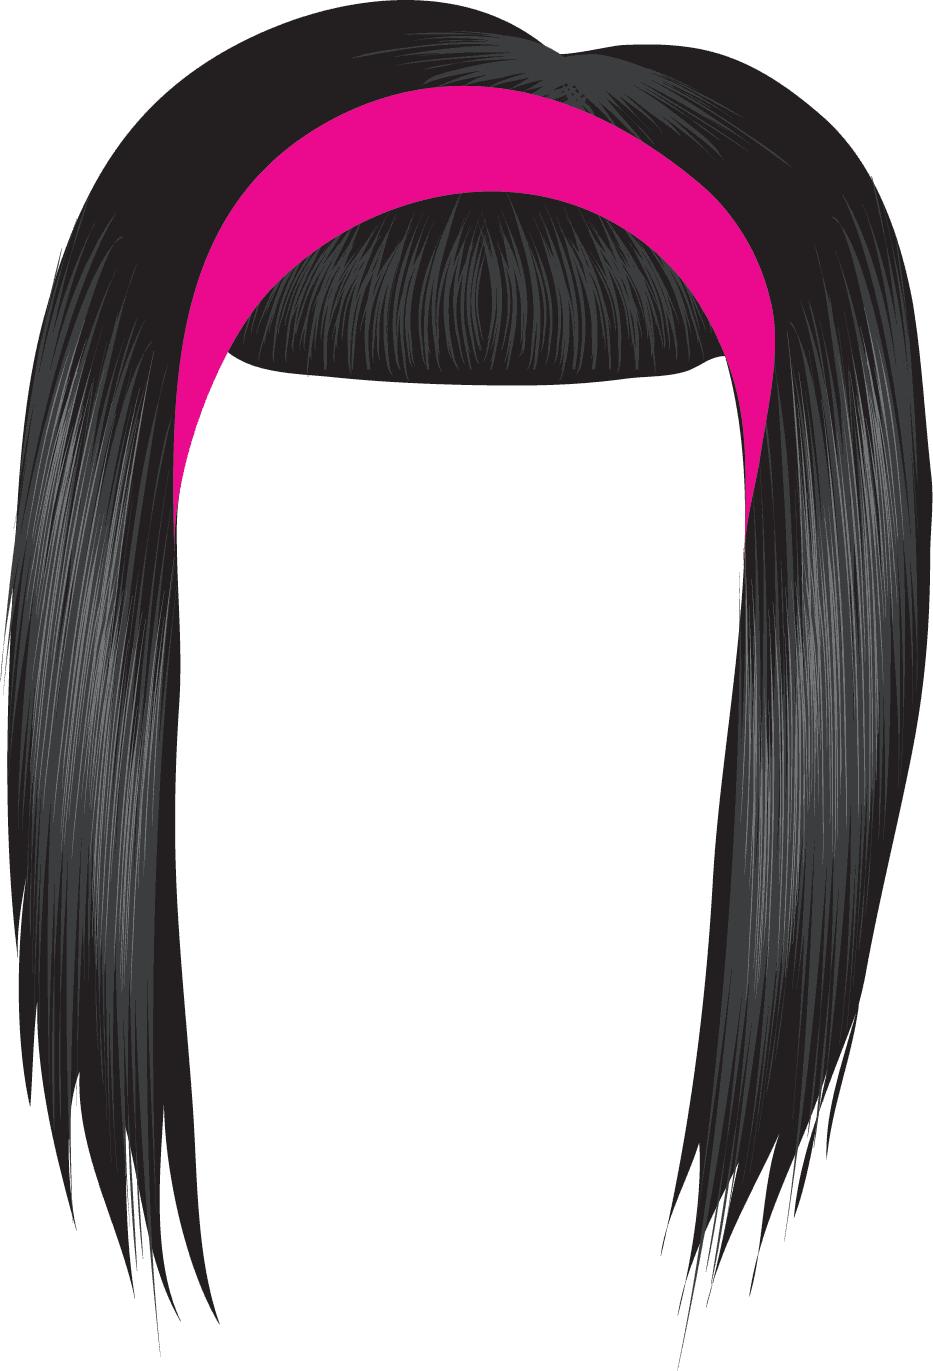 Clip Art Hair Clipart hair clip clipart kid black panda free images